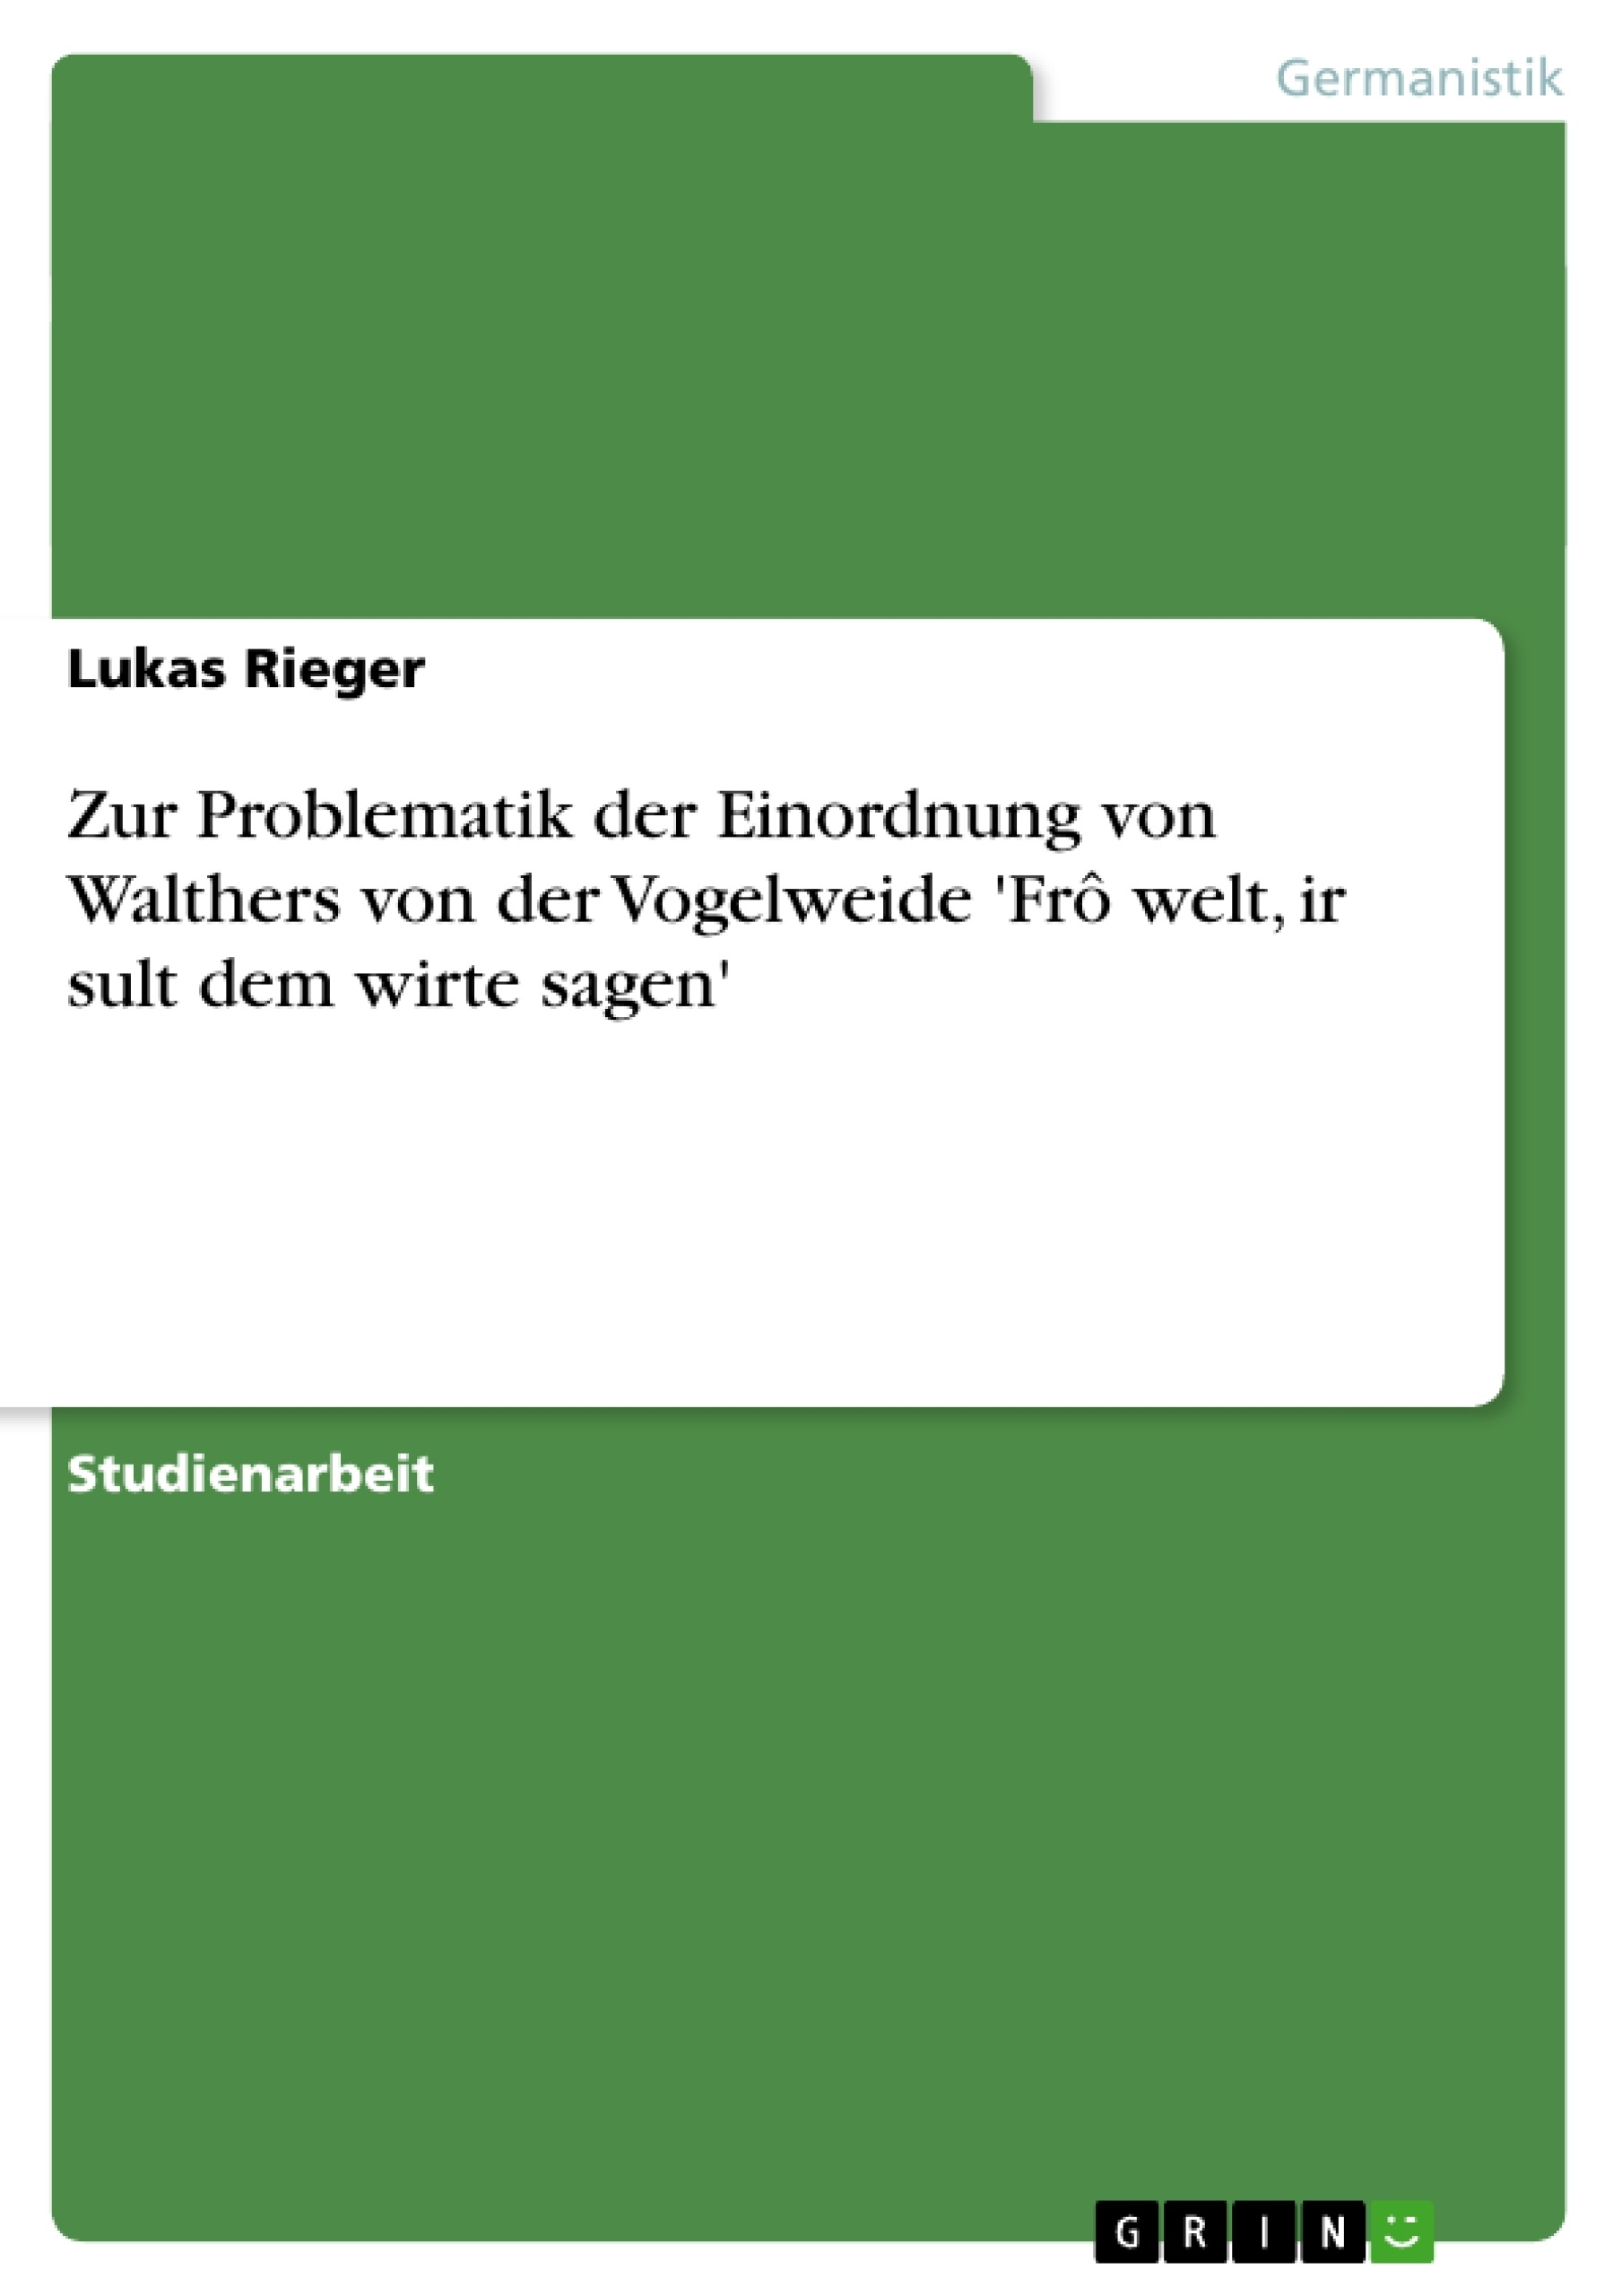 Titel: Zur Problematik der Einordnung von Walthers von der Vogelweide 'Frô welt, ir sult dem wirte sagen'